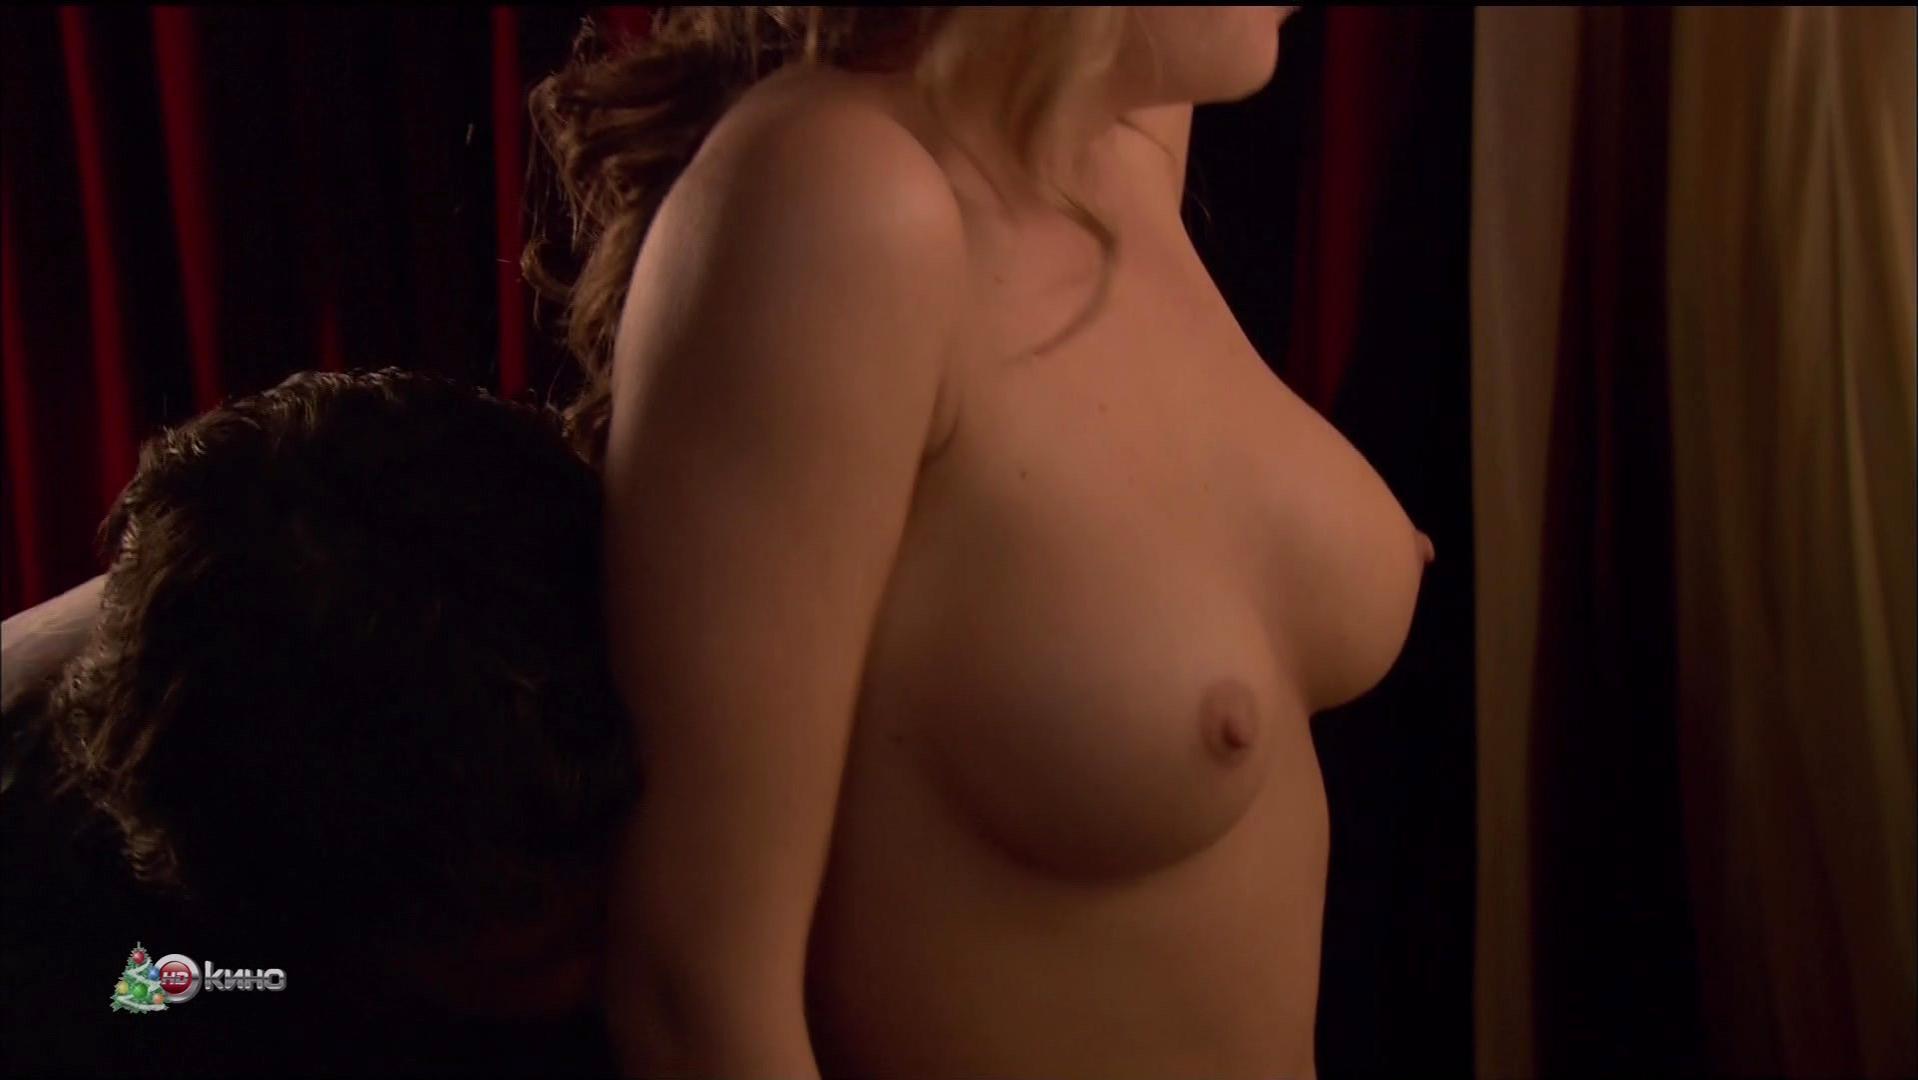 Hot big boobed girls naked humping